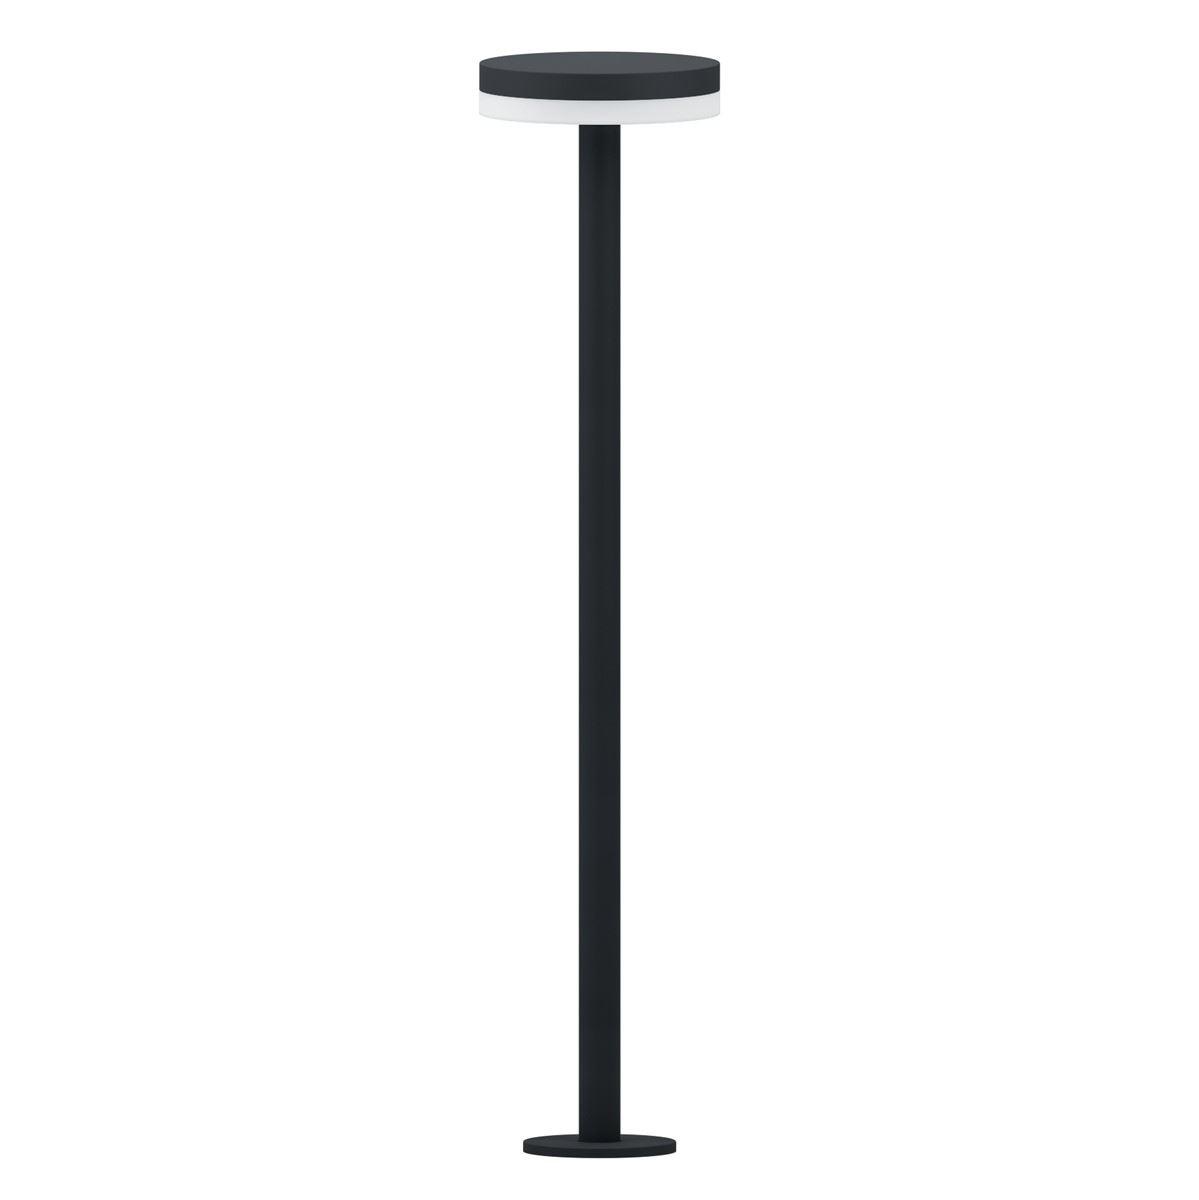 EGLO Led Stylish Aluminium Floor Lamp Without Switch Retro Home Interior Lighting